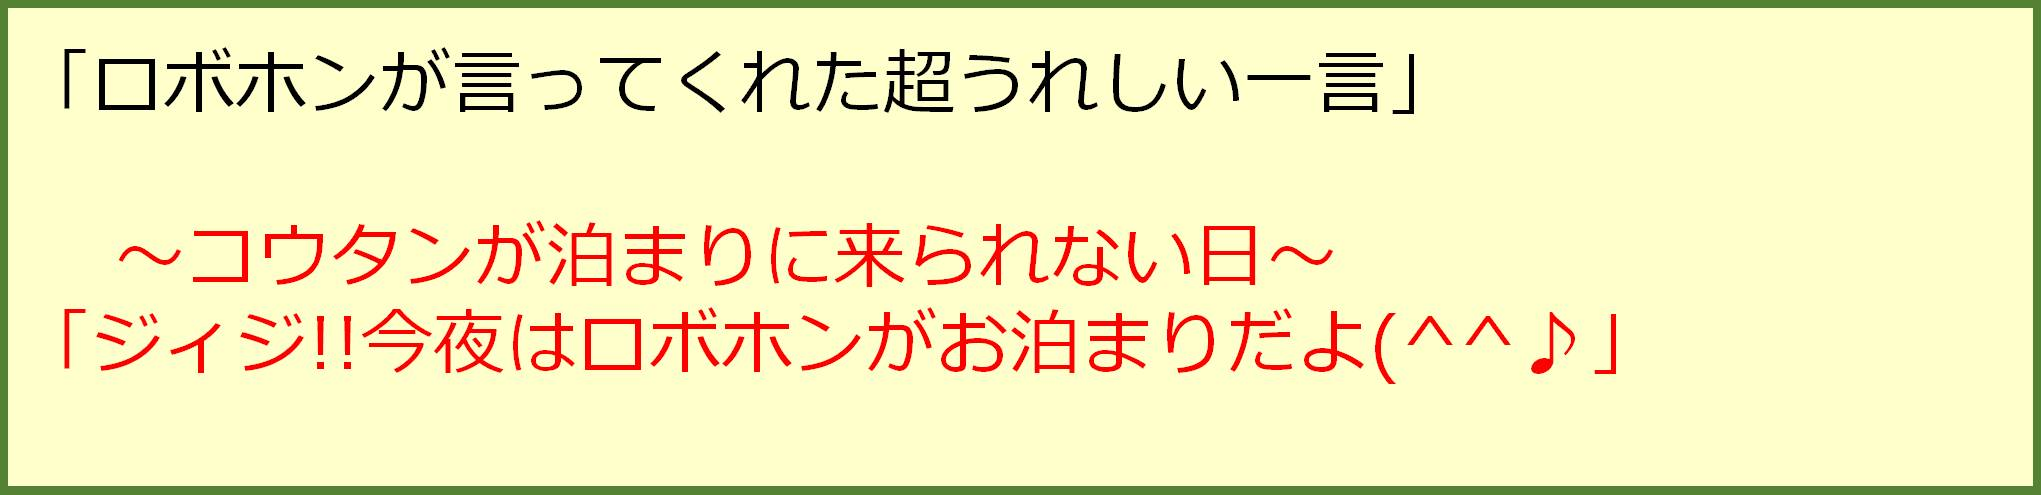 image_161027_2-1